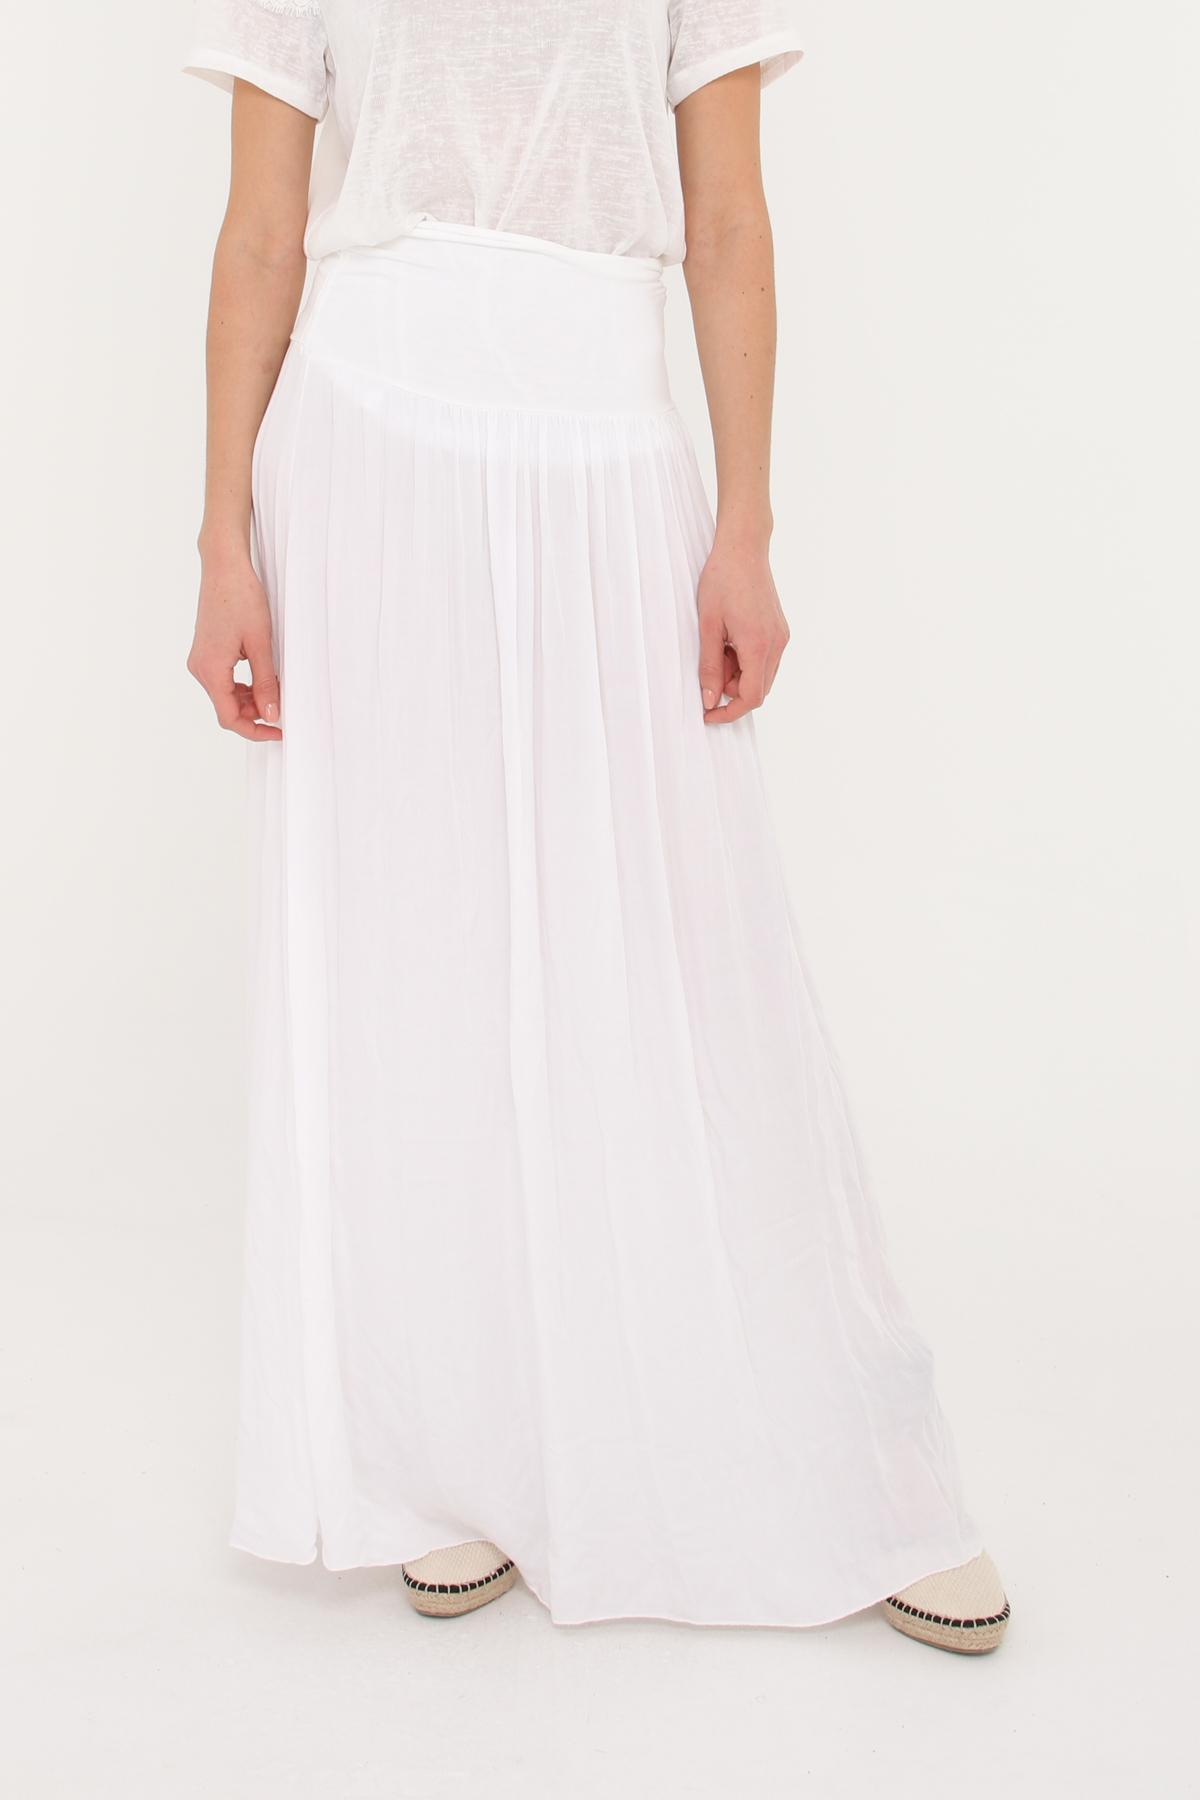 Jupes Femme Blanc GO POMELO JACIN #c eFashion Paris